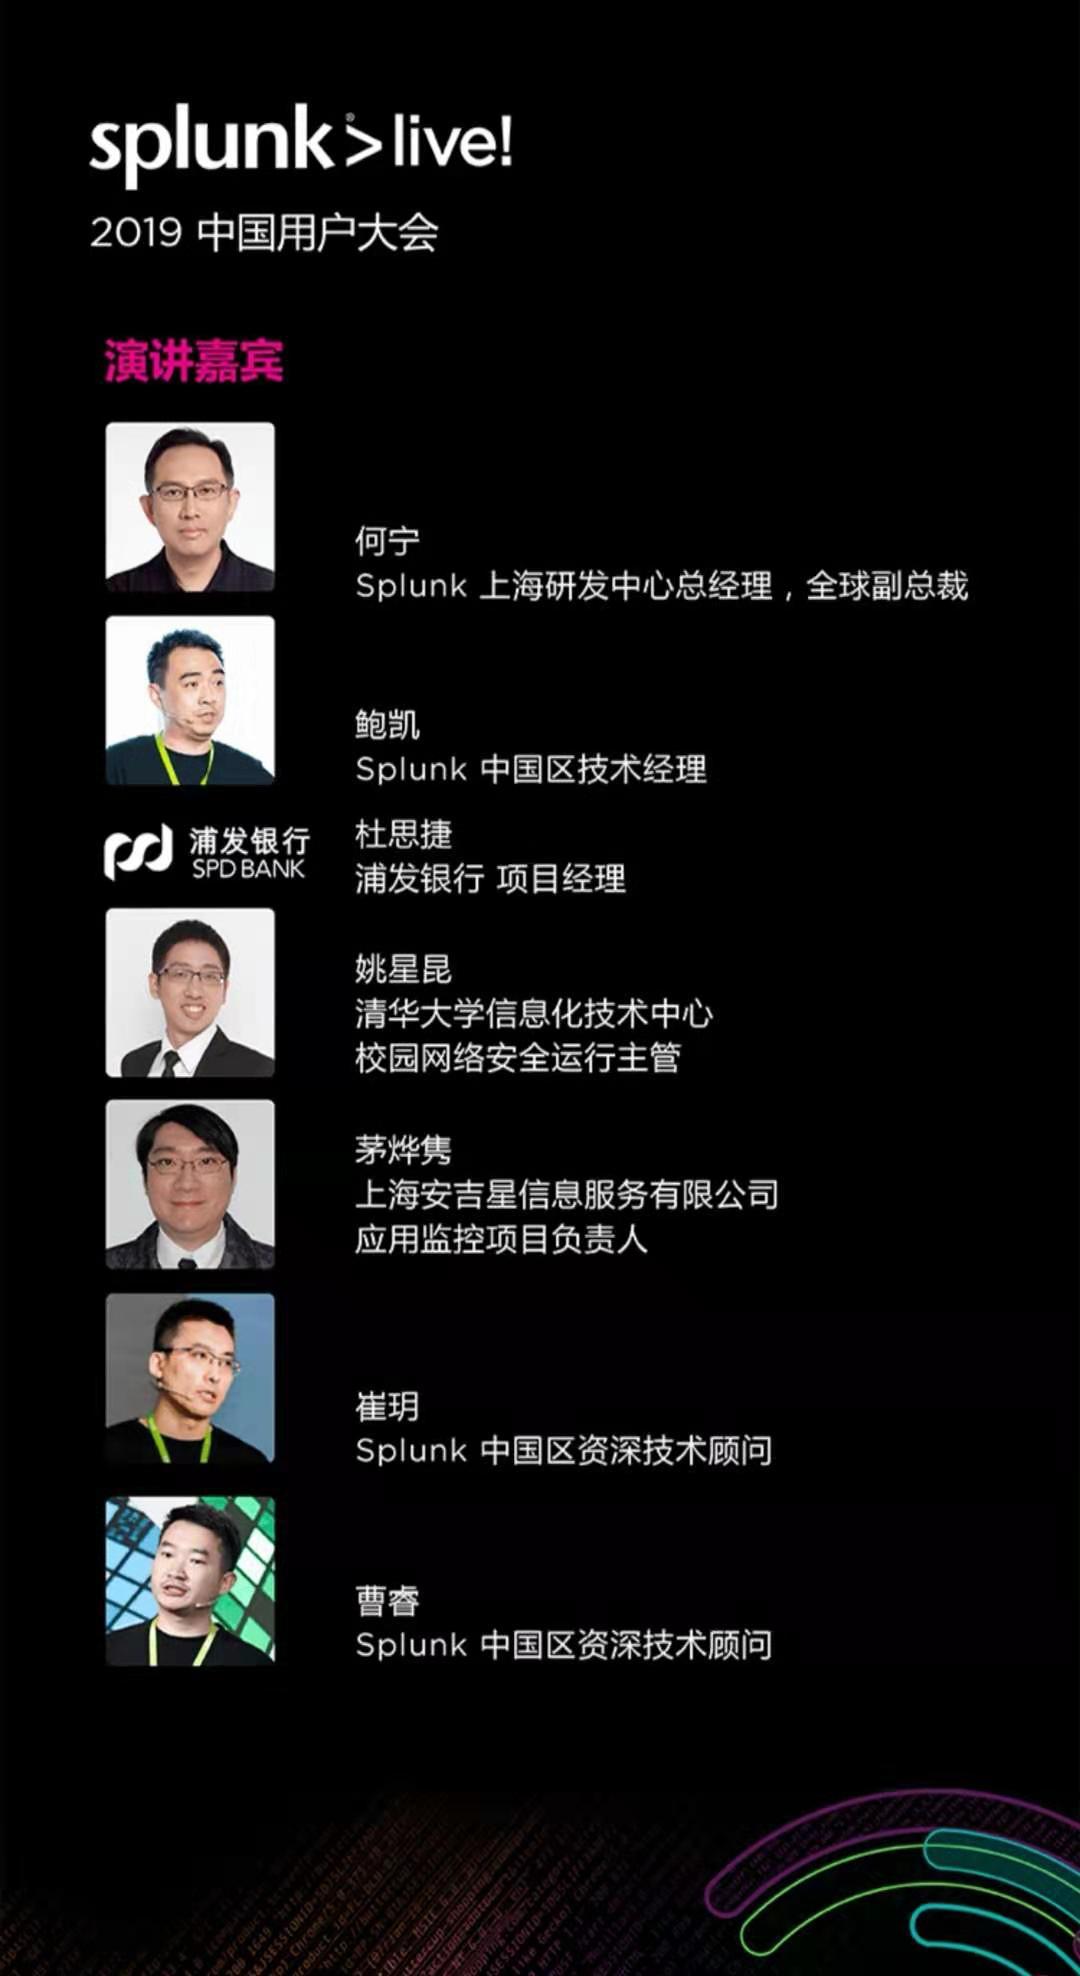 SplunkLive! 2019中国用户大会  (上海)